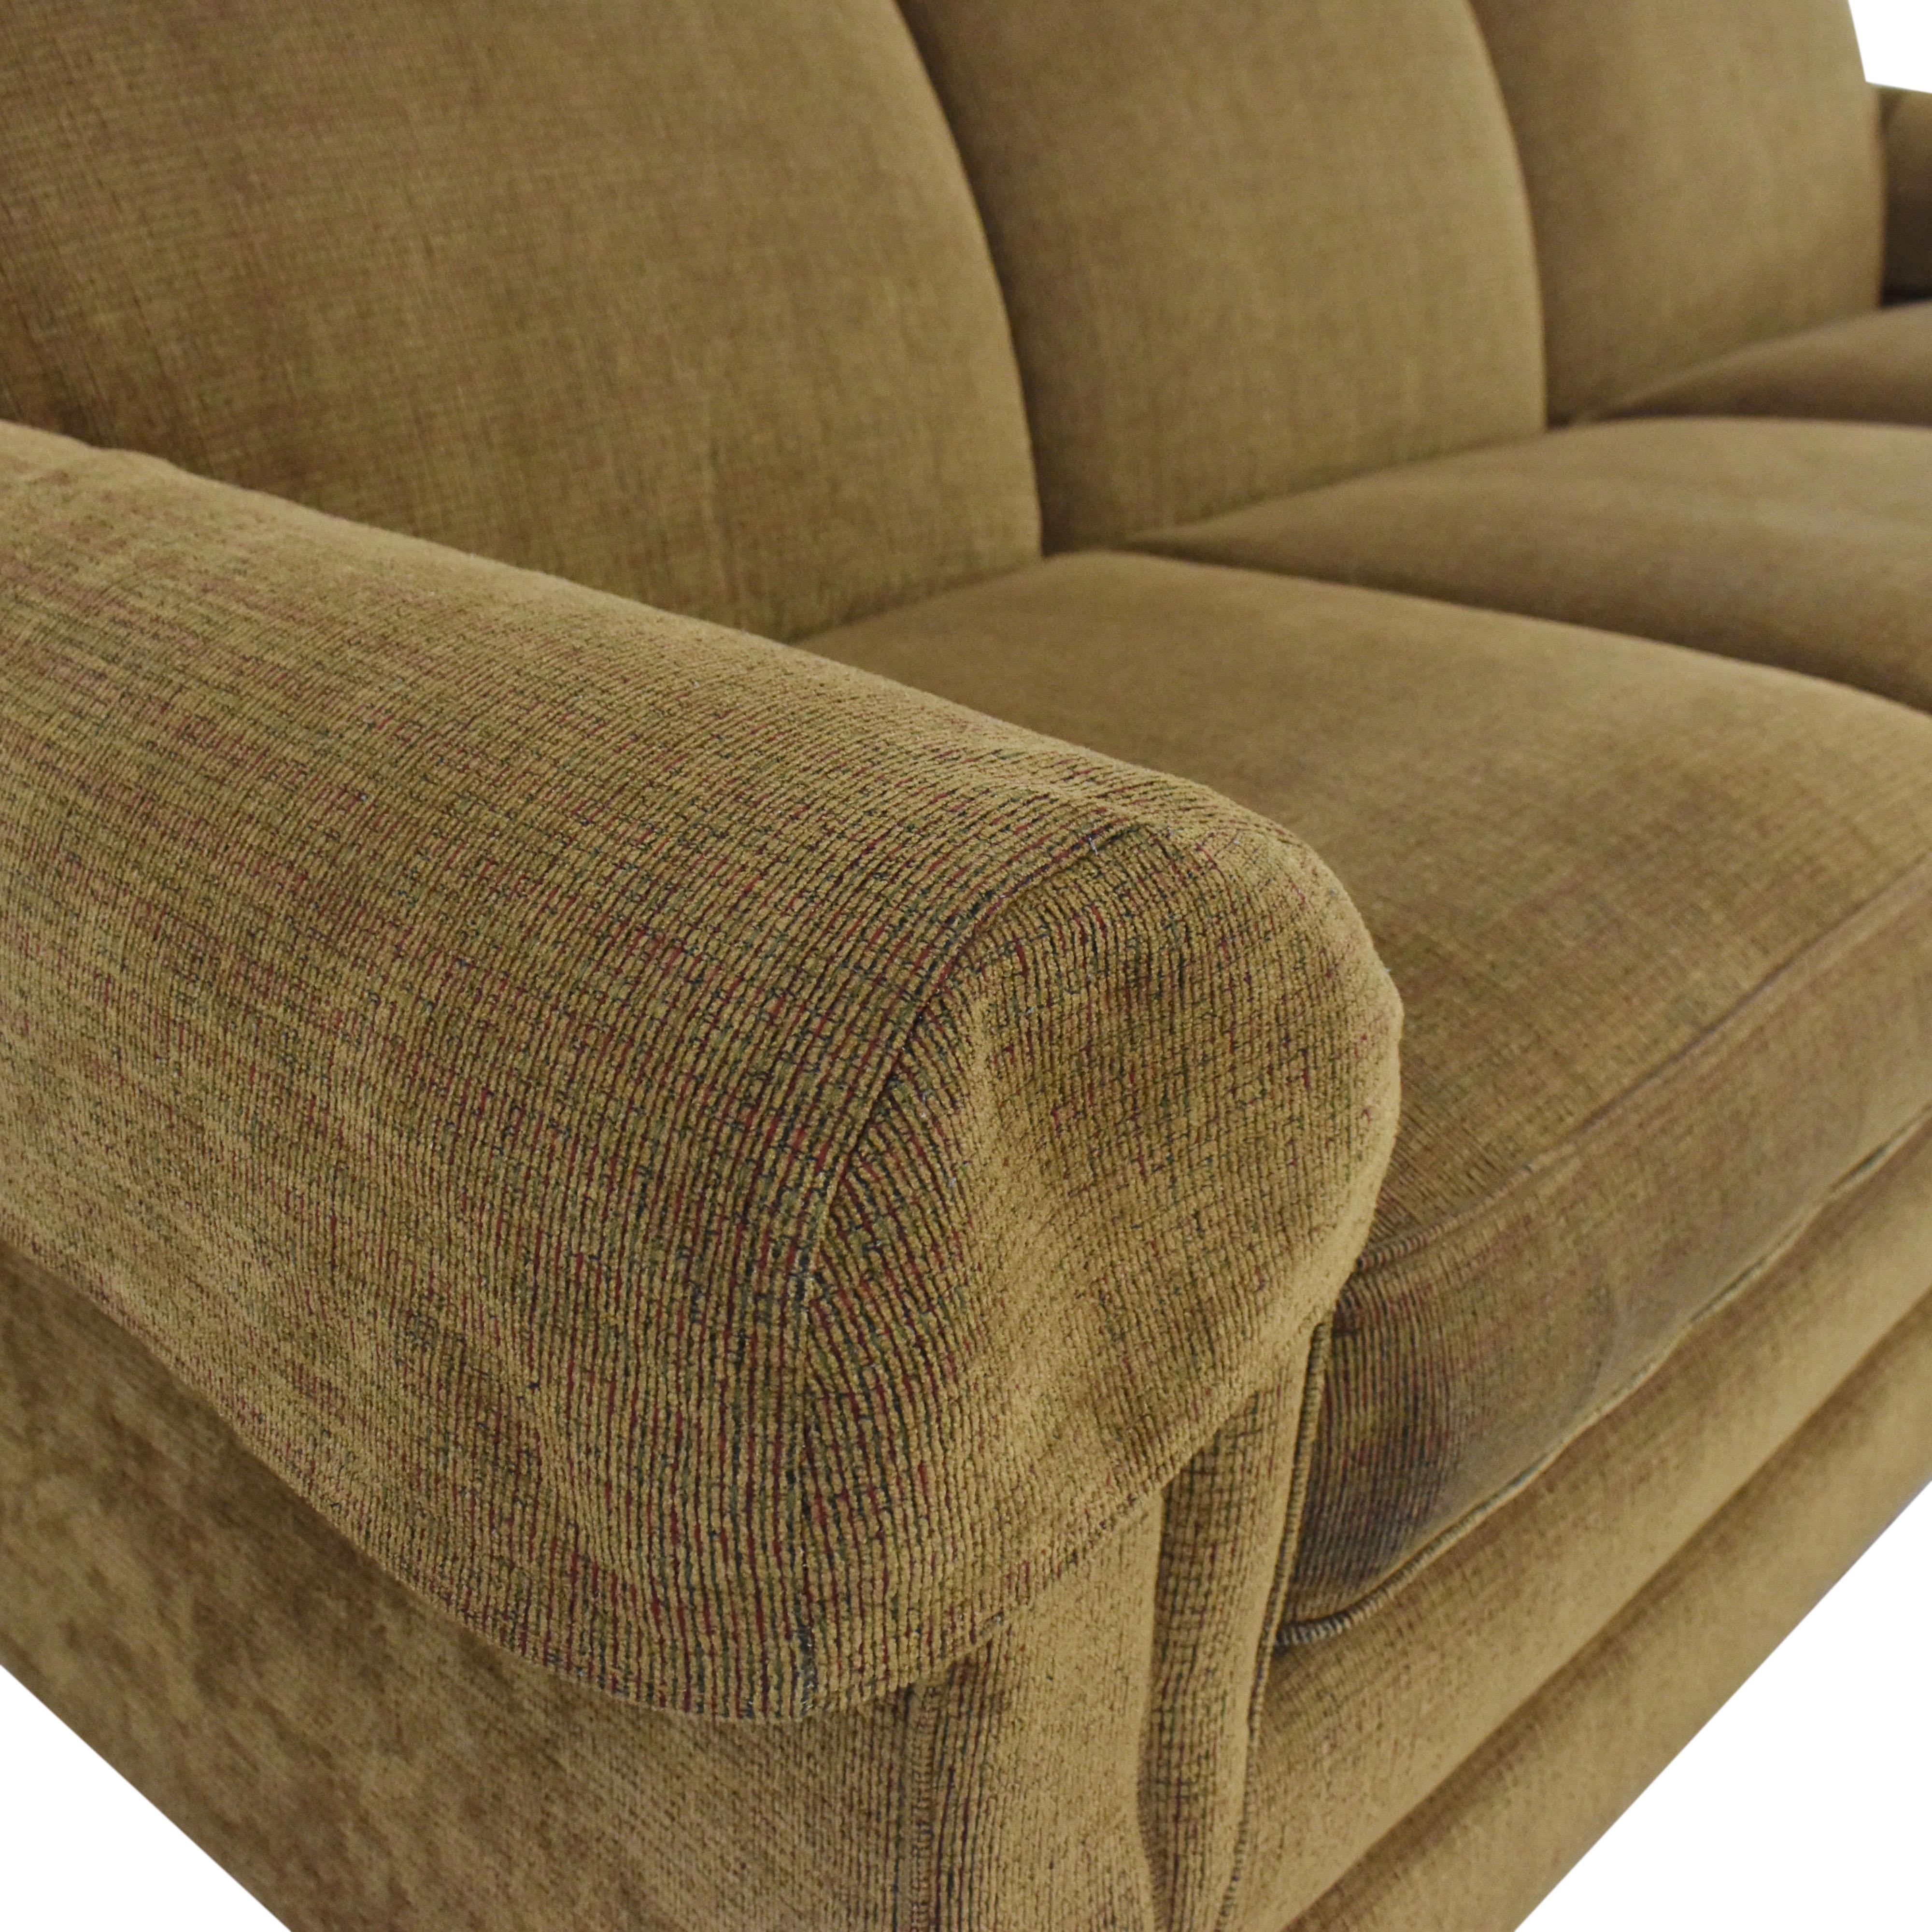 La-Z-Boy La-Z-Boy Three Cushion Roll Arm Sofa dimensions